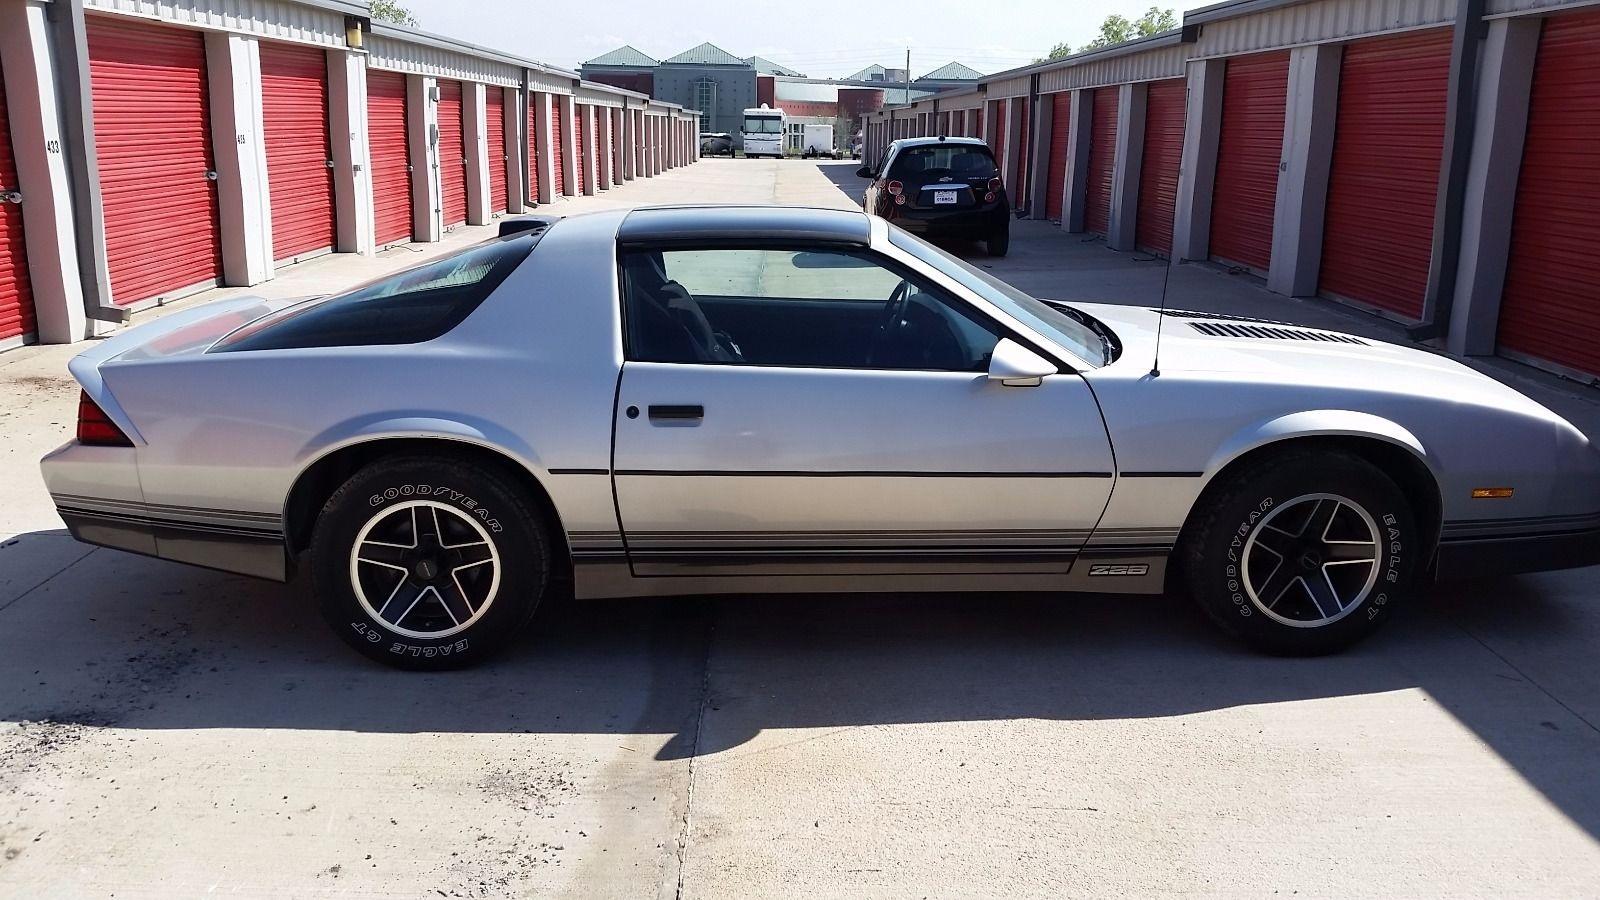 16,015 Careful Miles: 1986 Camaro Z28